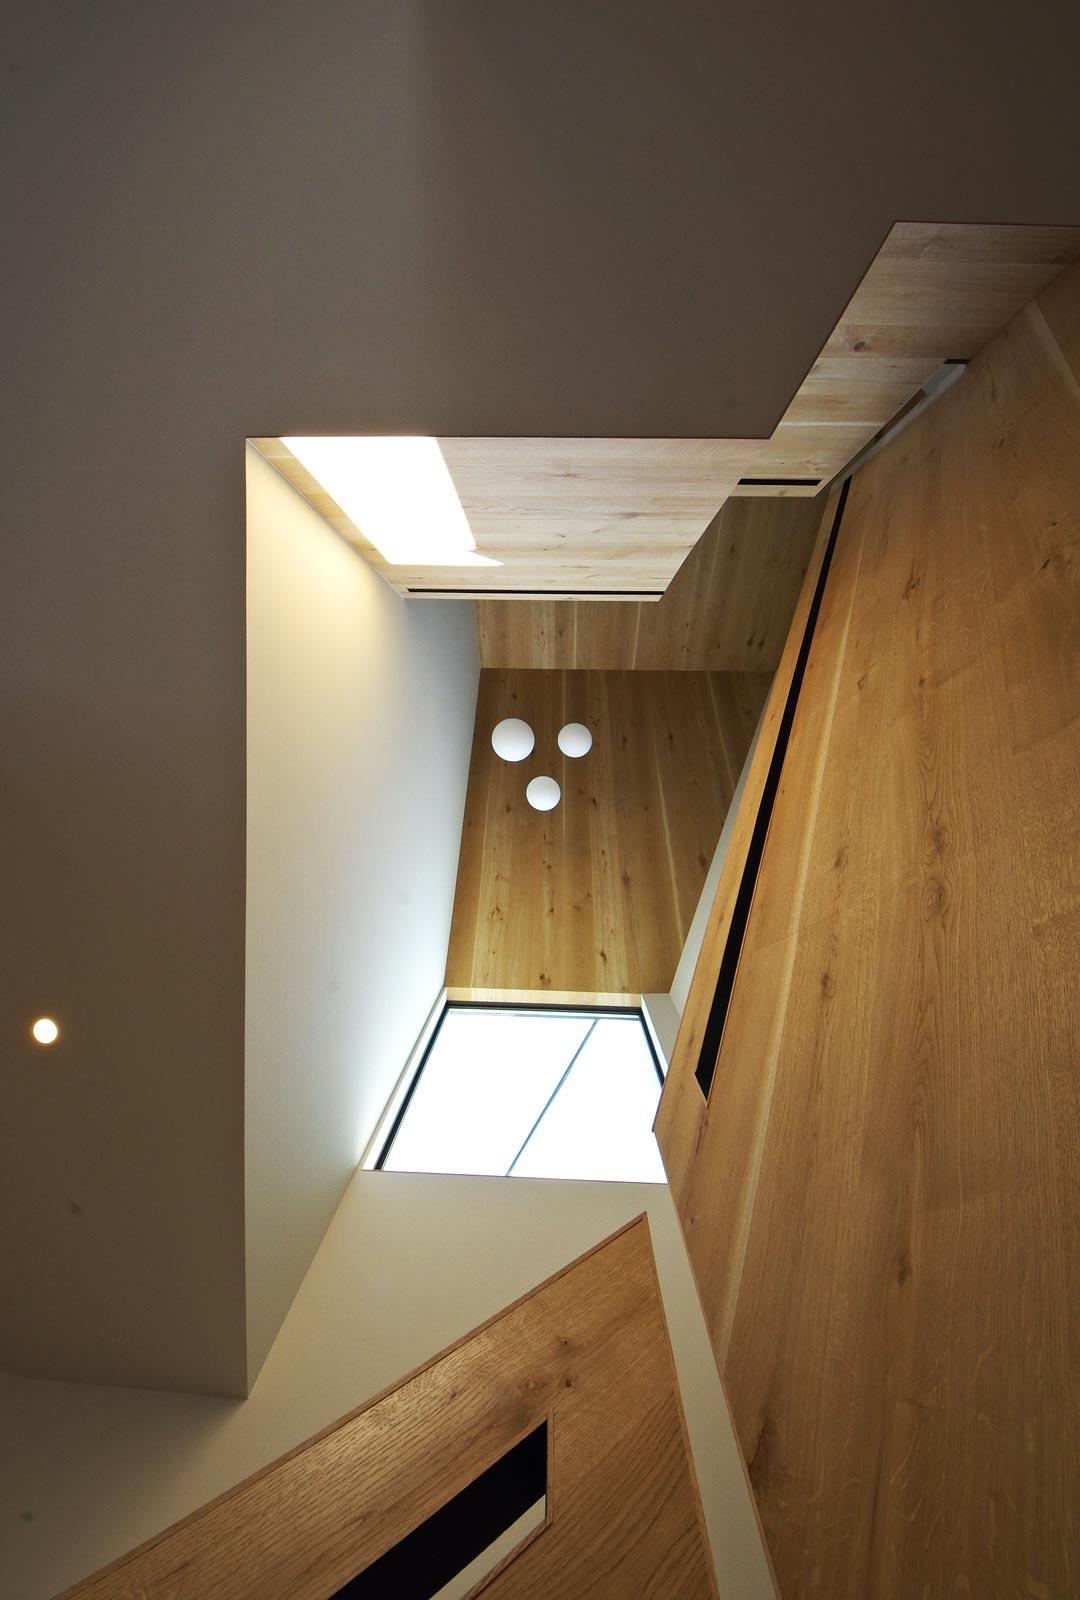 <p> 階段室を見上げる </p>